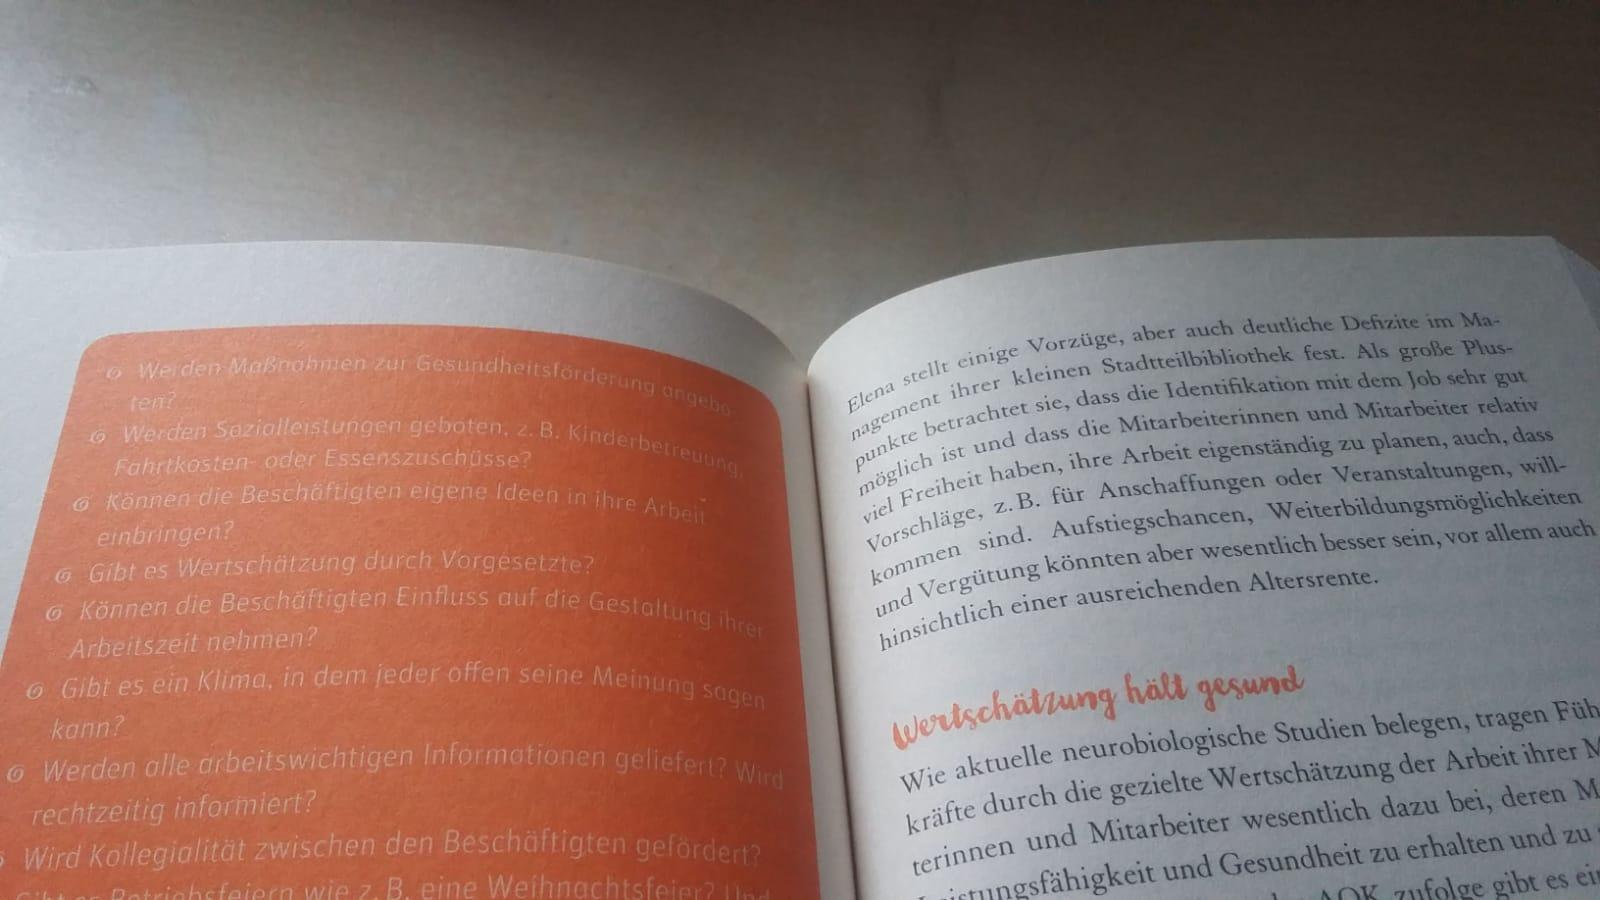 """Auszug aus """"Ich steh auf mich"""": Der Kontrast der orangefarbenen Kästen und der weißen Schrift ist schlecht lesbar. Foto: Kia Kahawa"""